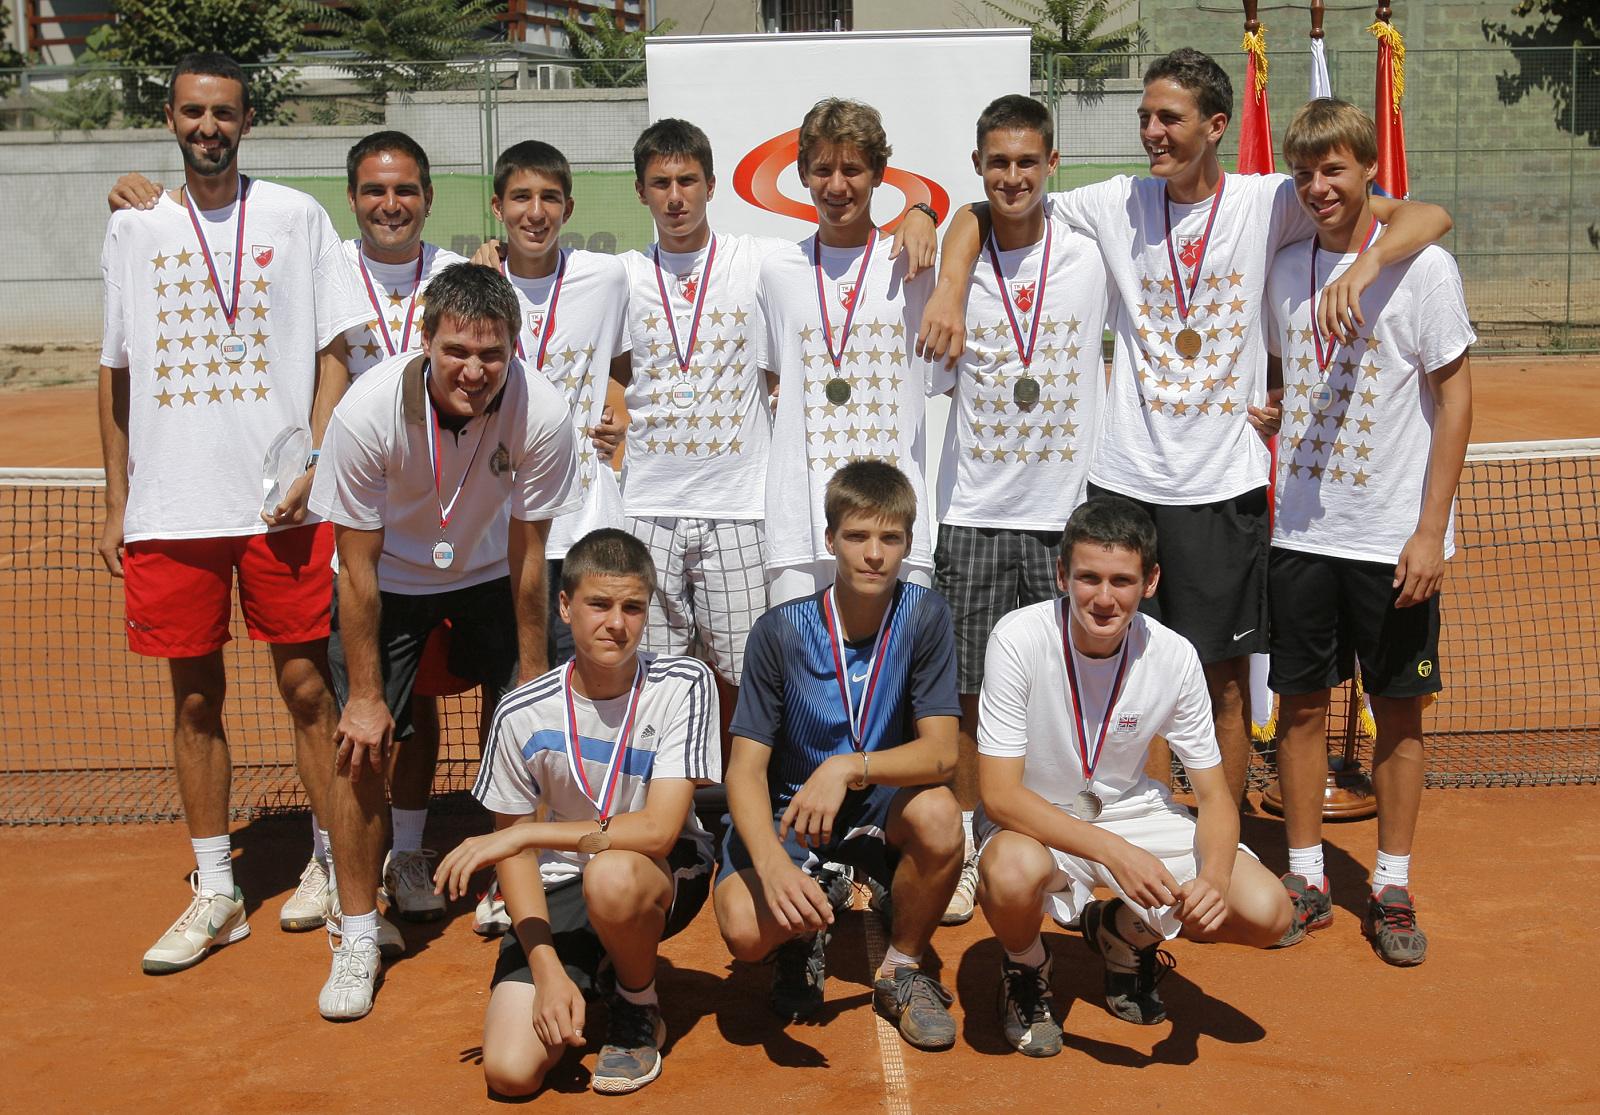 Grupna fotografija ucesnika finala